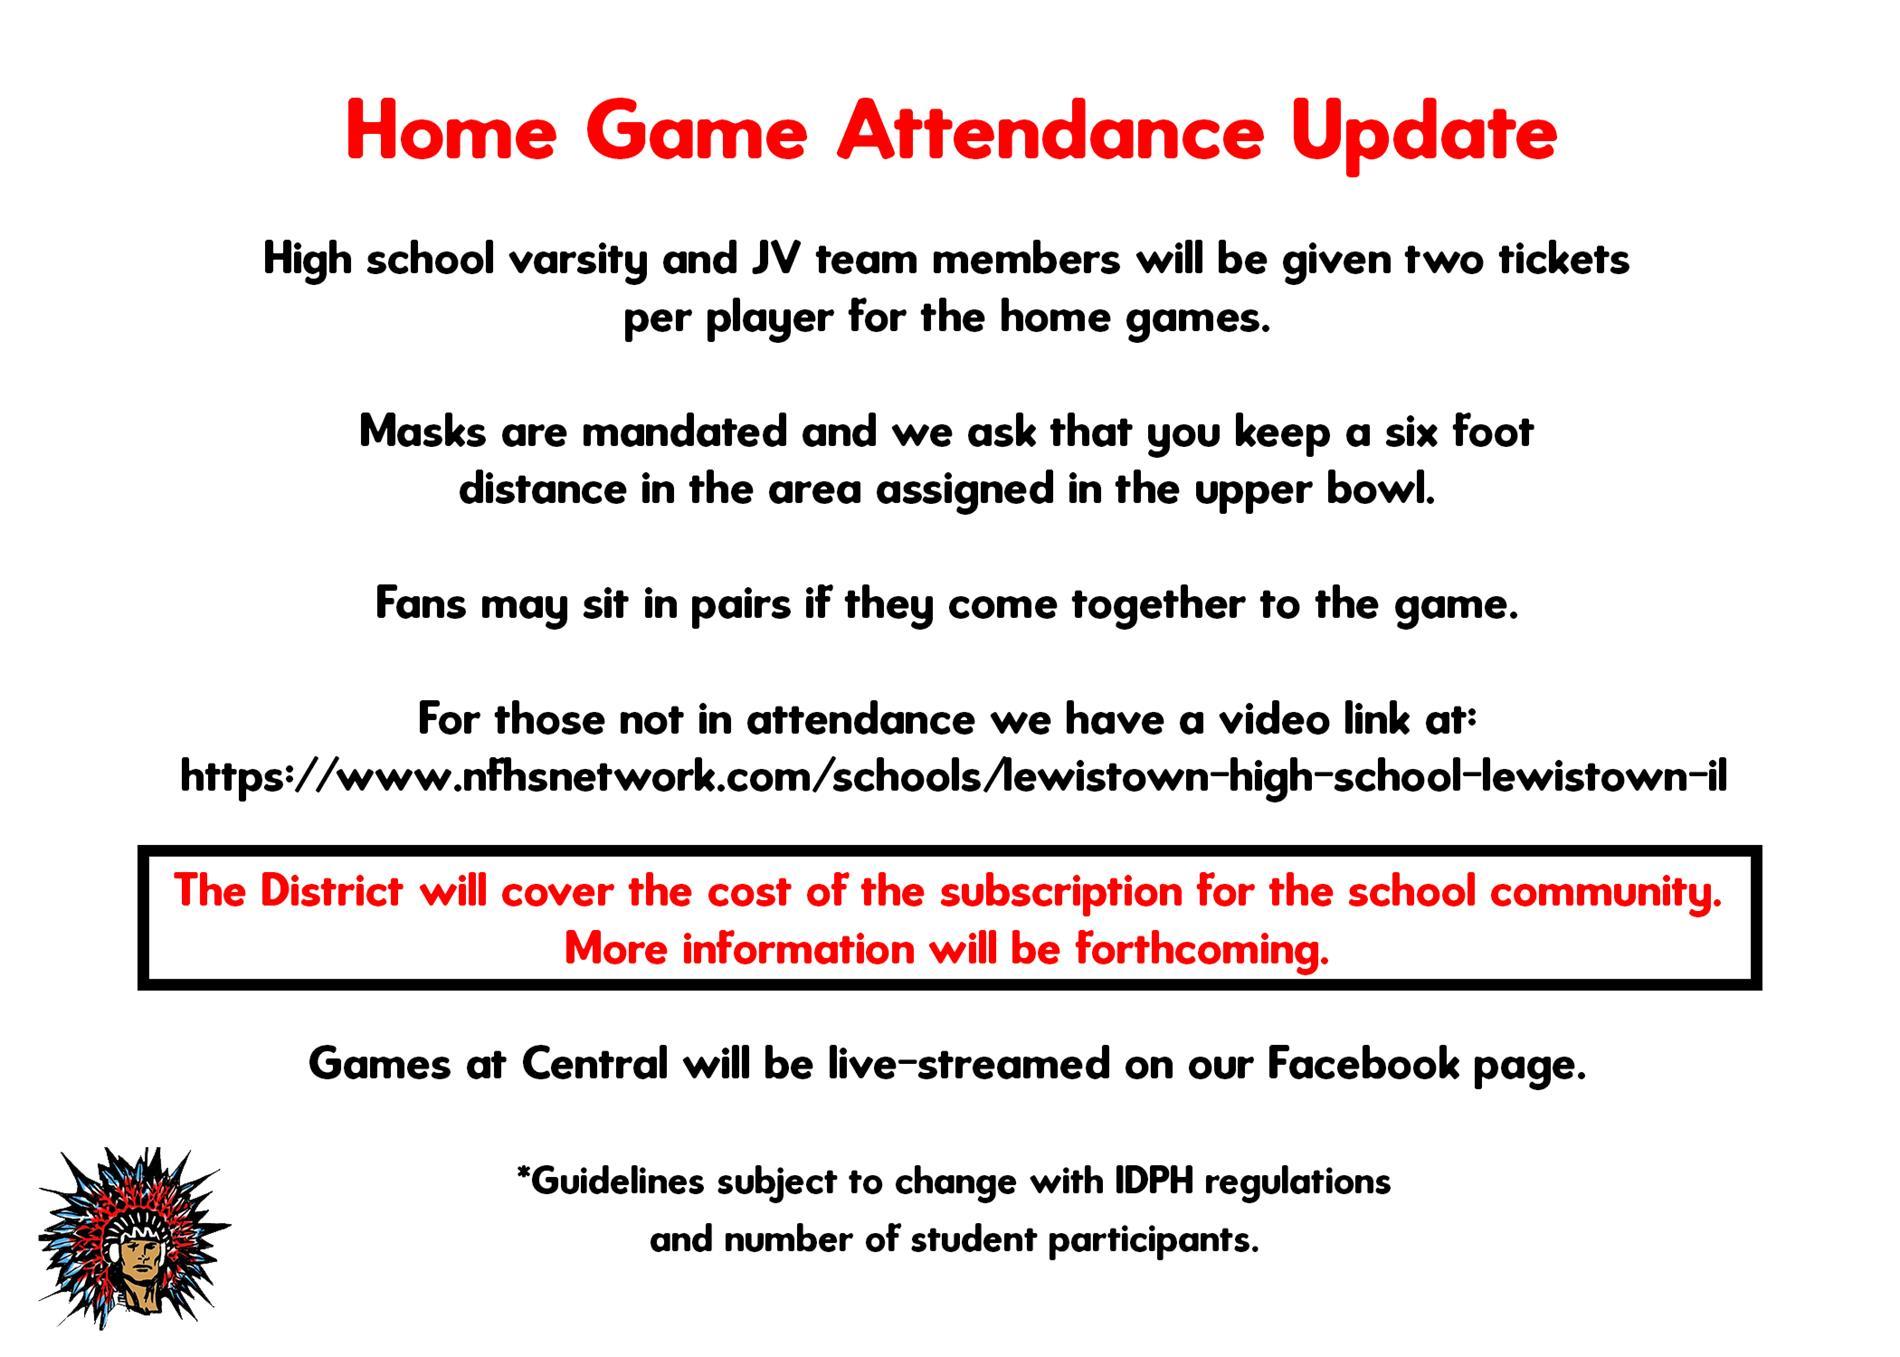 Fan Attendance